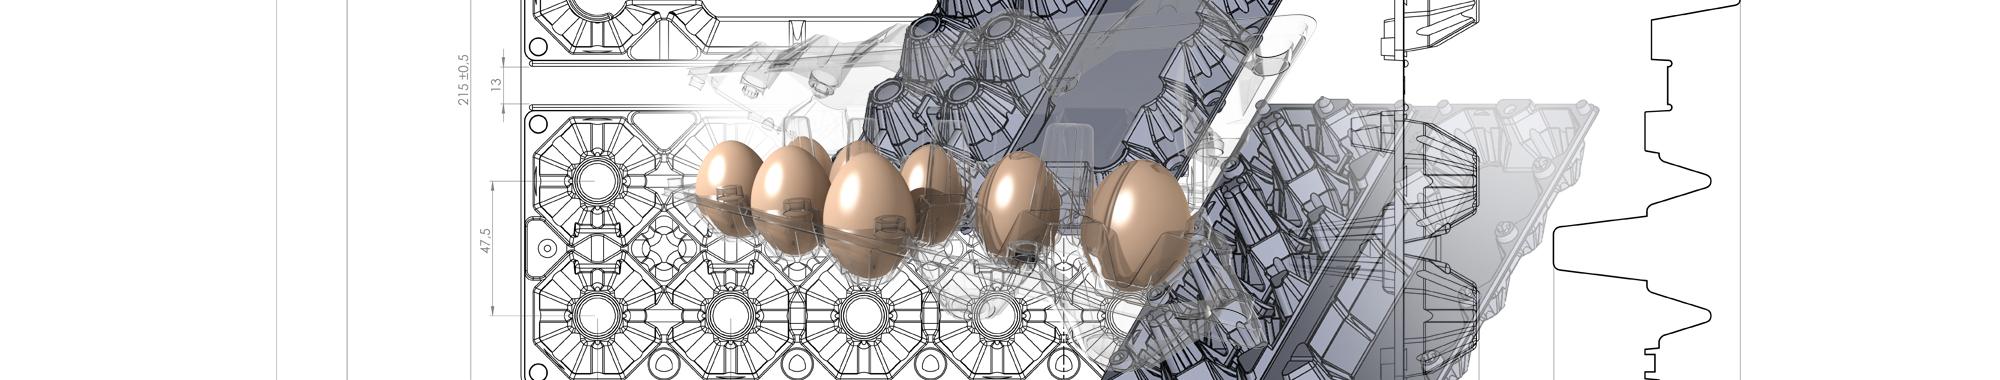 Header-werktekeningen-eiertray-2000x380px